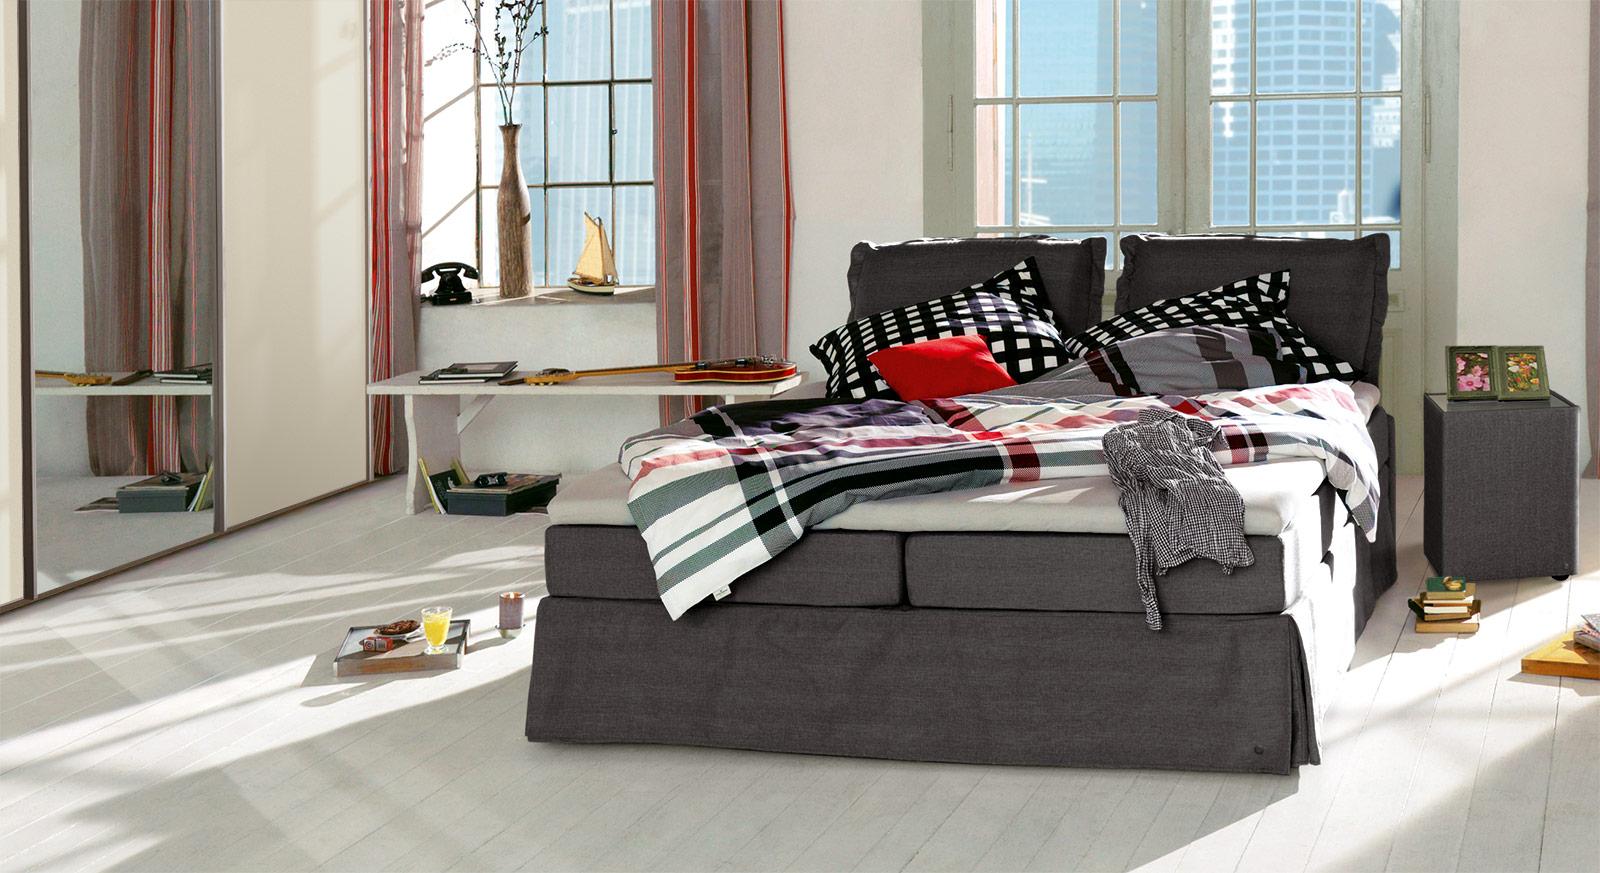 Boxspringbett Tom Tailor Cushion in dunkelgrauem Webstoff